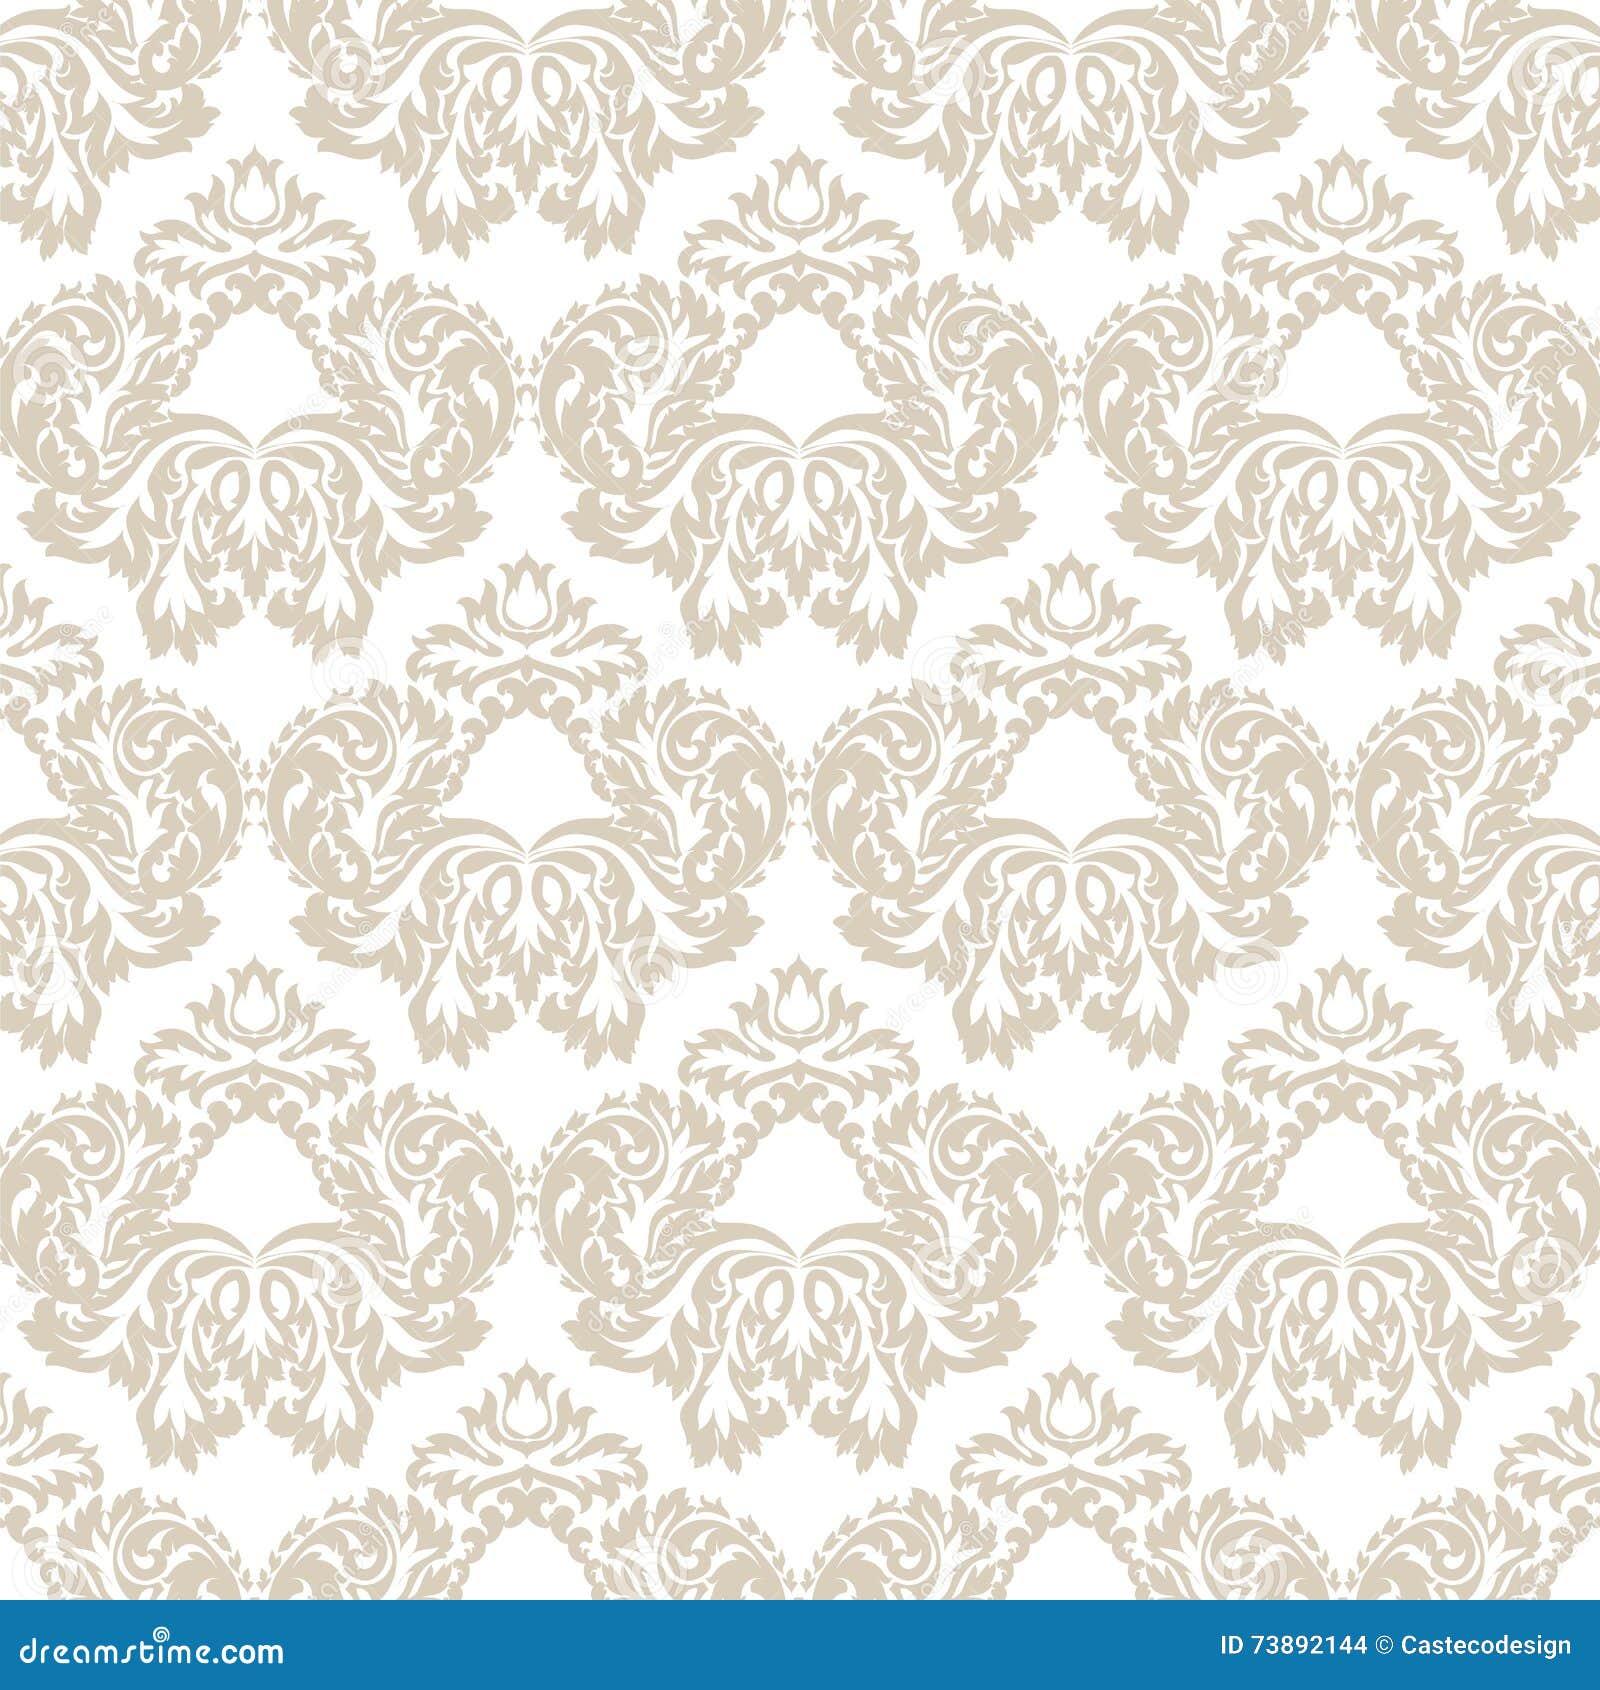 rococo motif vintage floral - photo #6